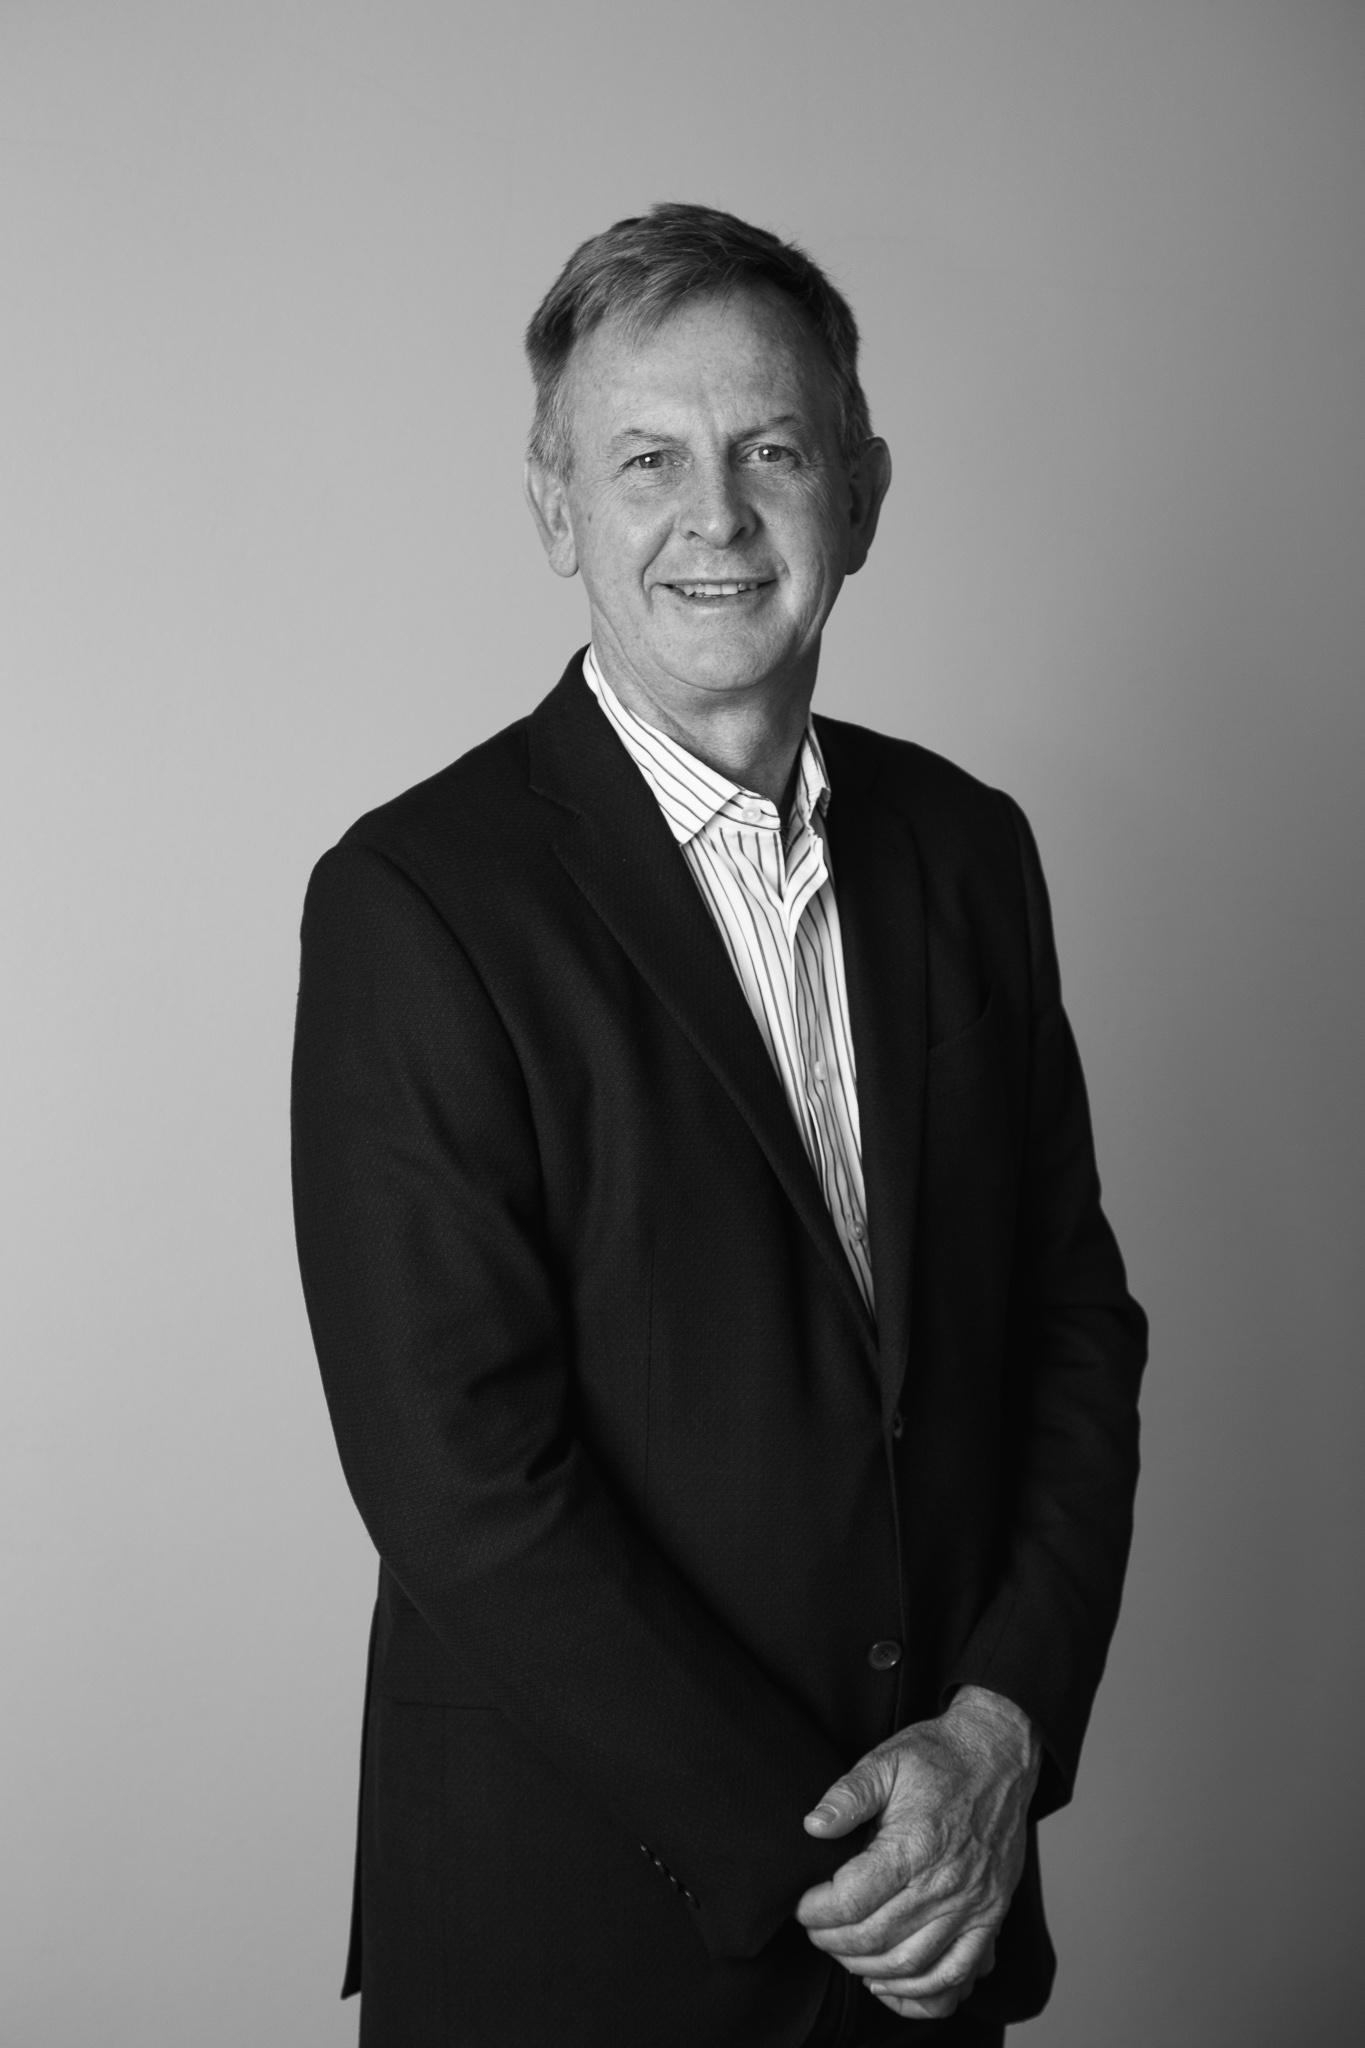 Stewart Johnson - Director